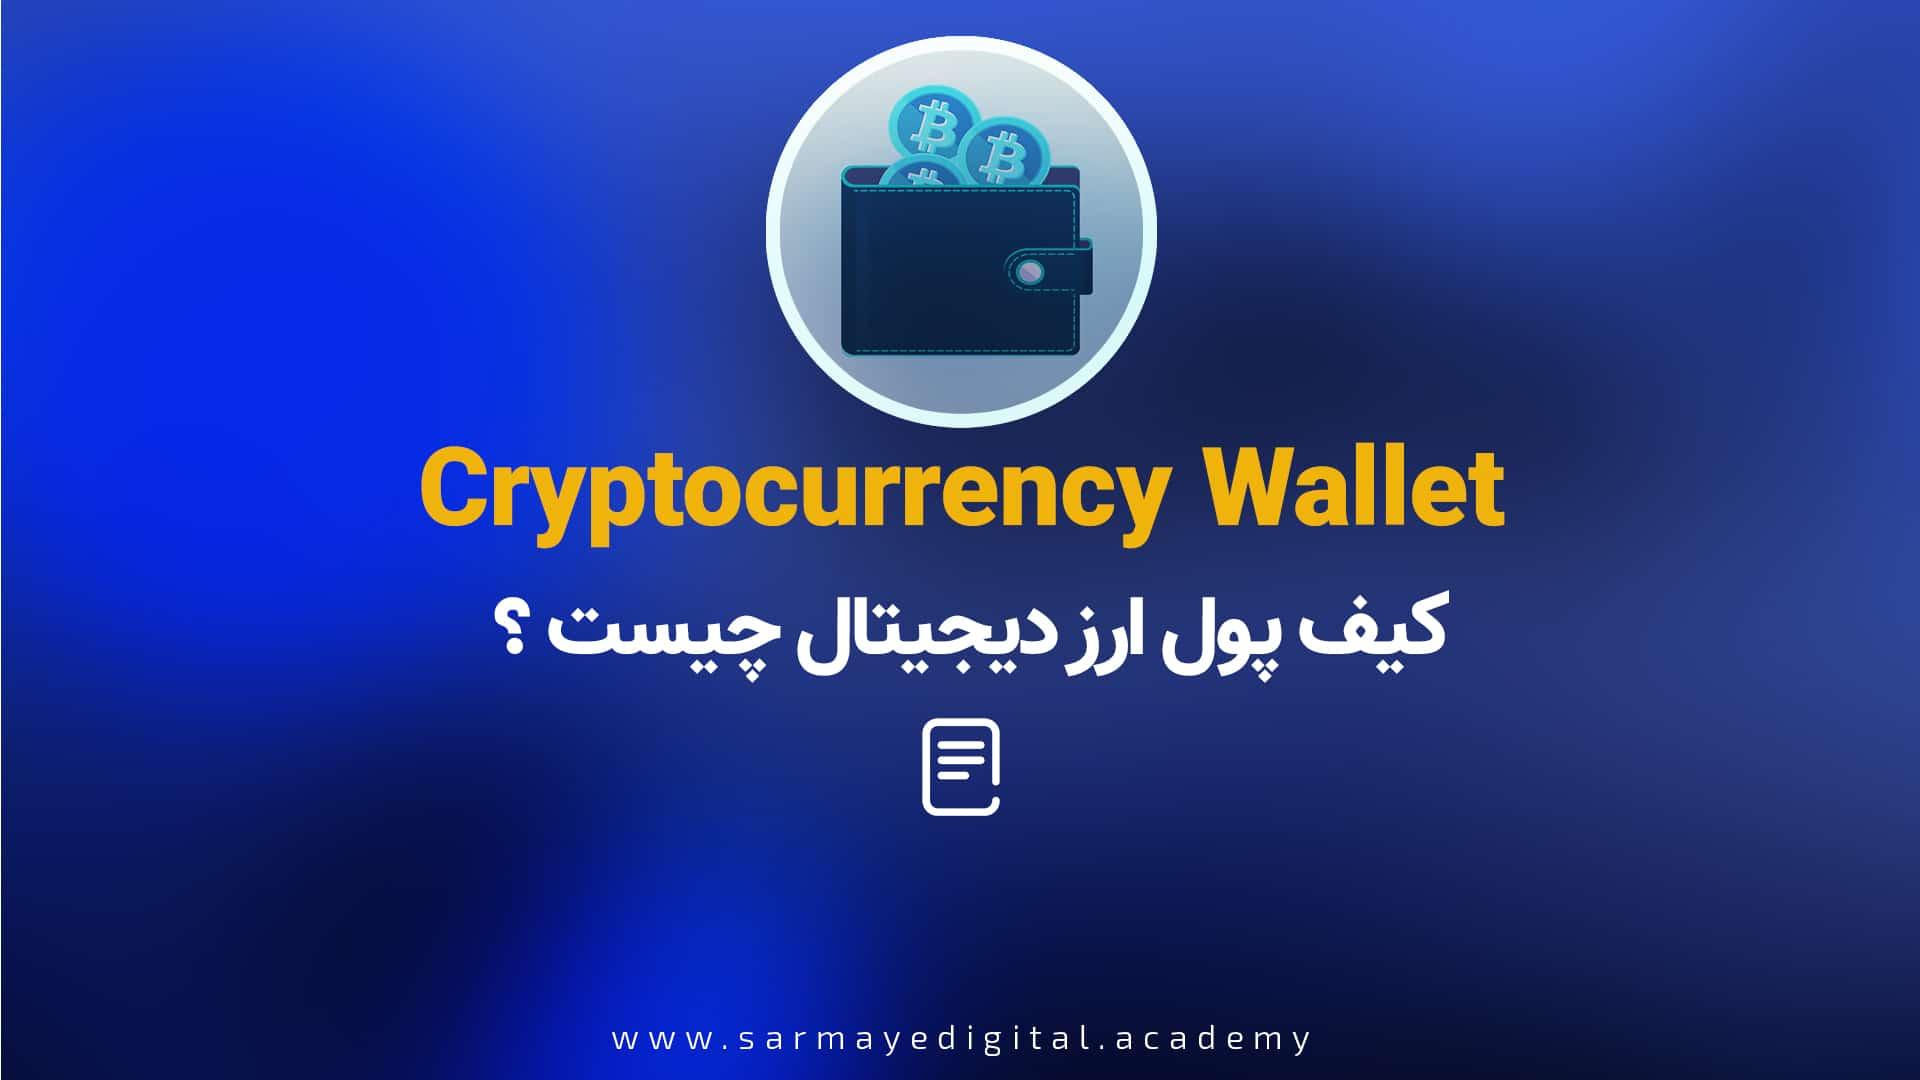 کیف پول ارز دیجیتال چیست ؟ ( 10 کیف پول برتر و امن )